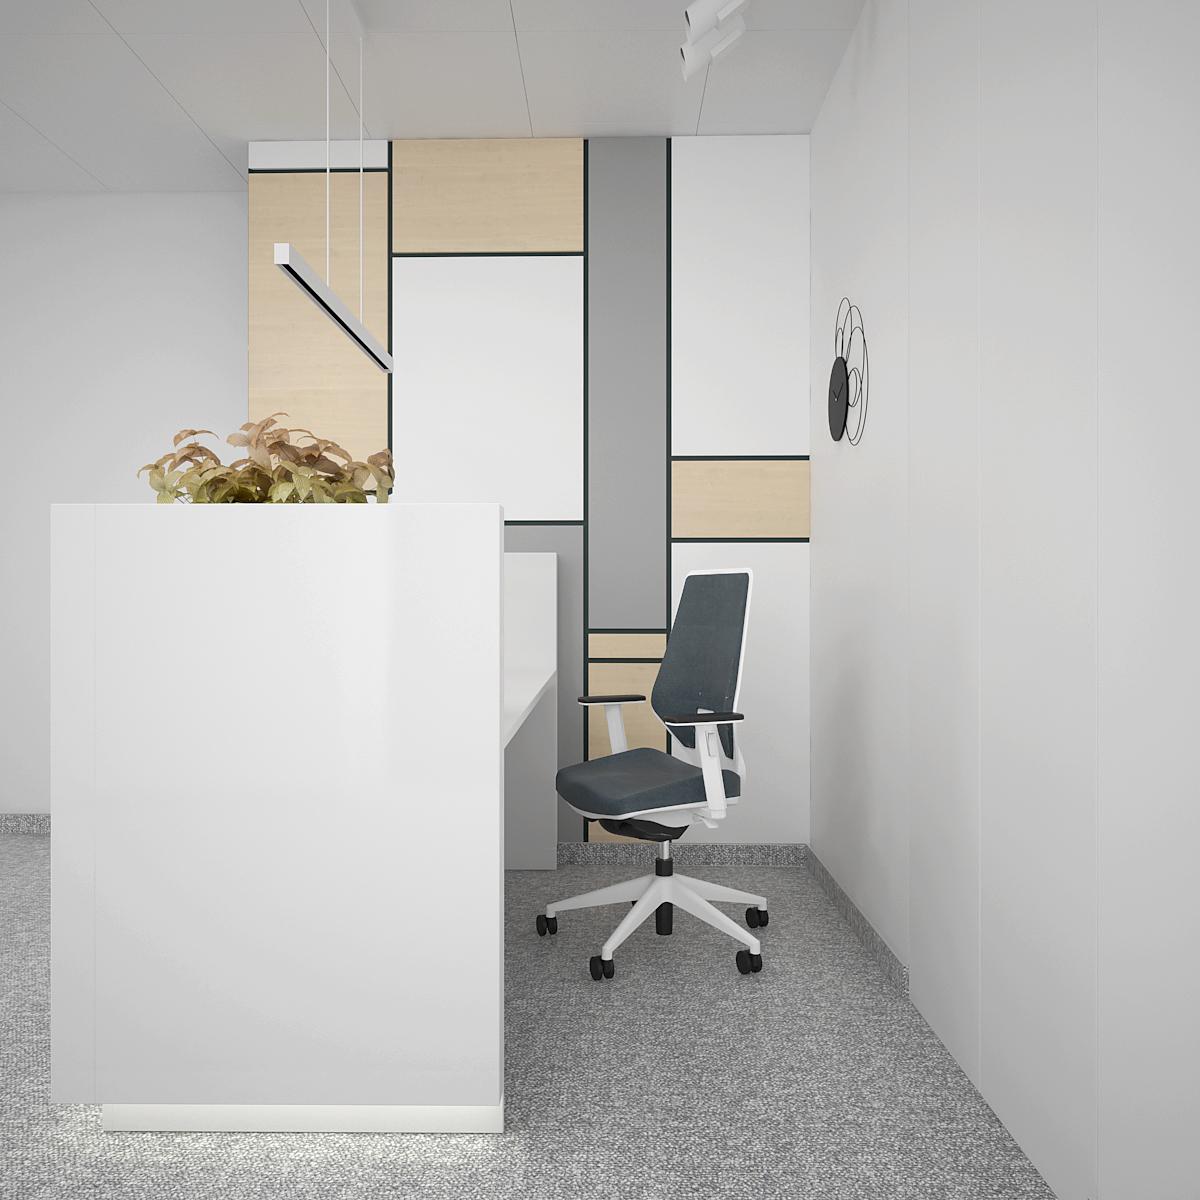 2 aranzacja biura B128 biuro krakow recepcja lada recepcyjna fotel biurowy kolorowe panele na scianie